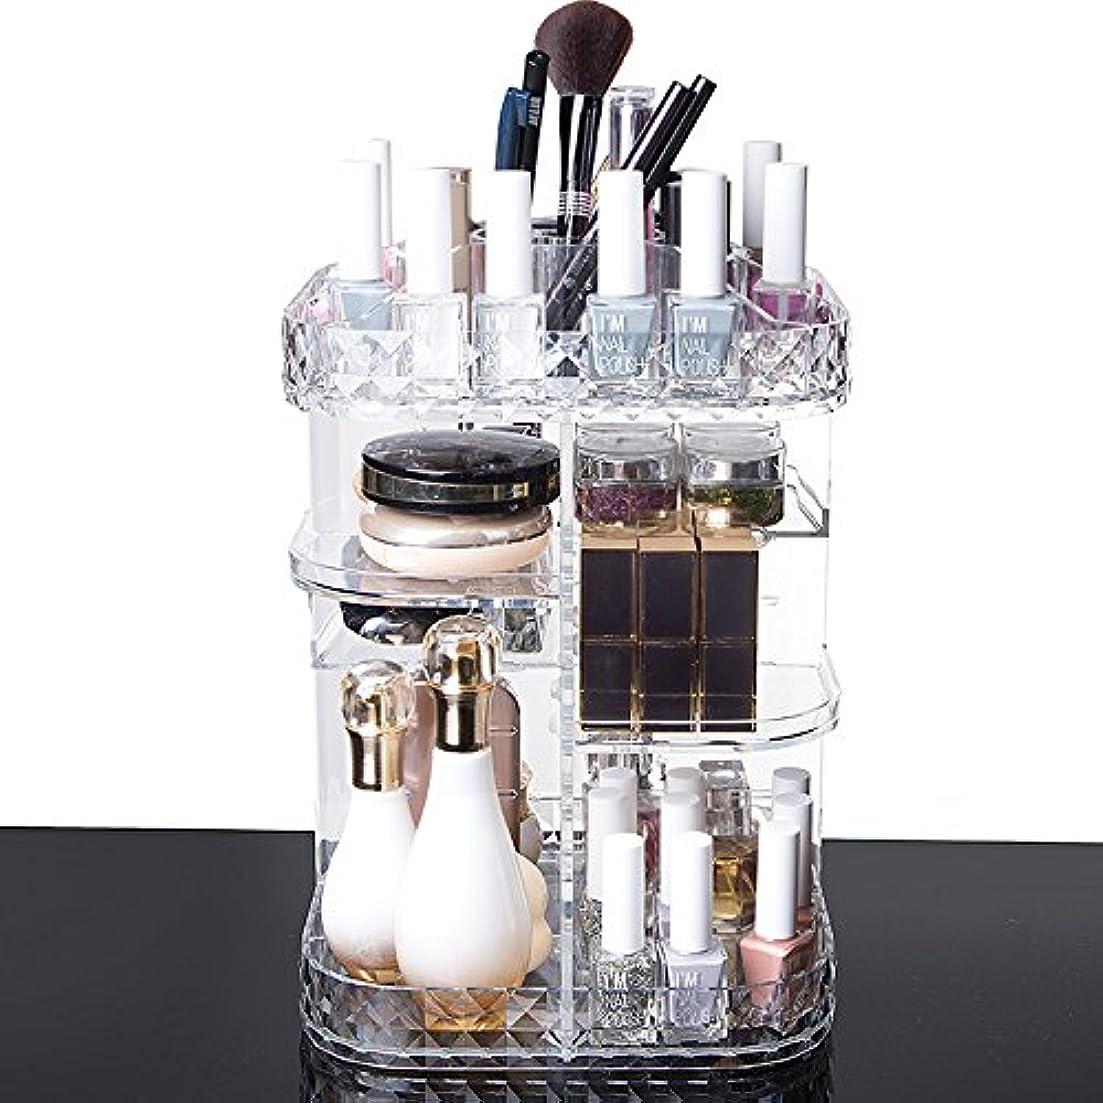 知覚する有害ながっかりした化粧品収納ボックス メイクケース メイクボックス 化粧品入れ コスメ収納スタンド (360度回転式)